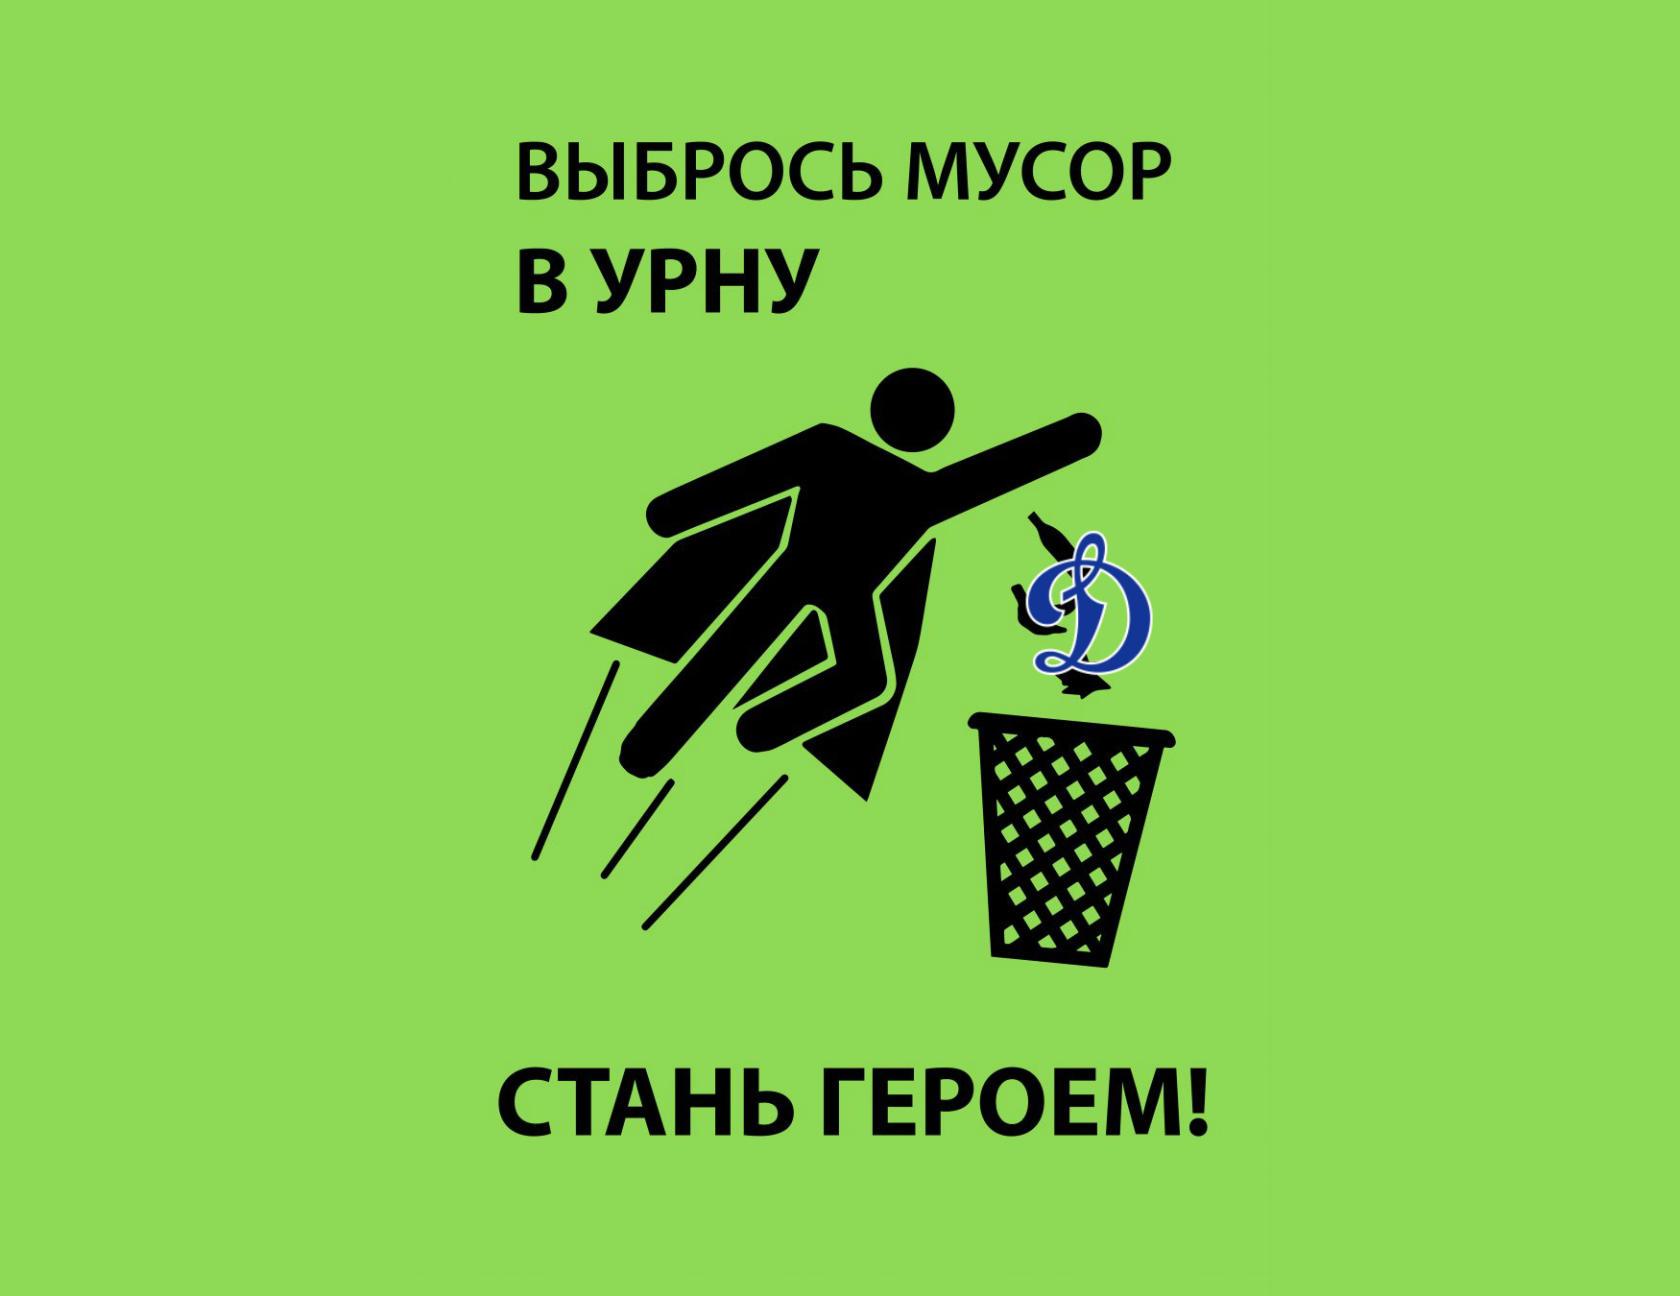 картинки на тему не бросать мусор росла